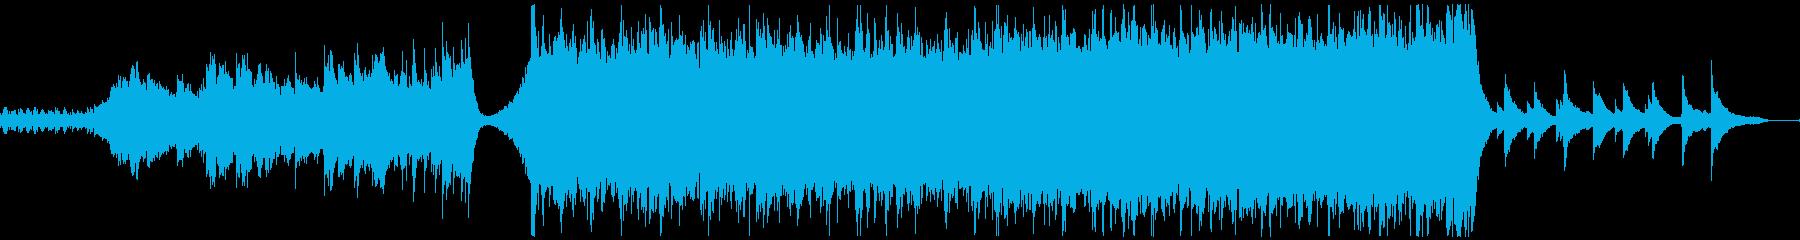 【予告編】トレーラー・シネマティックの再生済みの波形